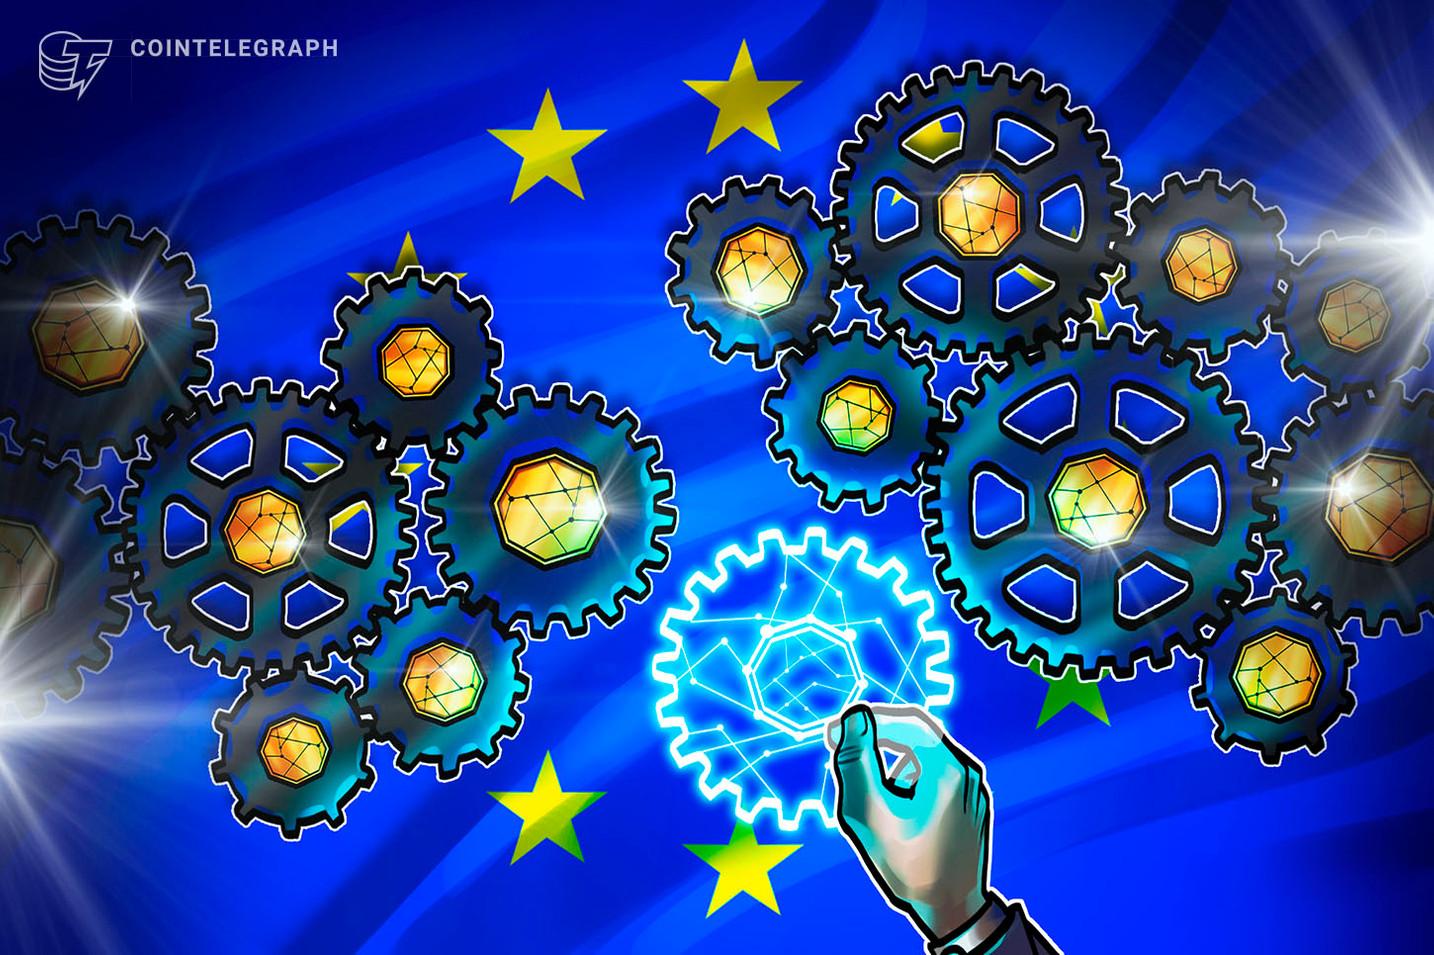 La Comisión Europea está recibiendo ofertas para la compra pública precomercial de su blockchain